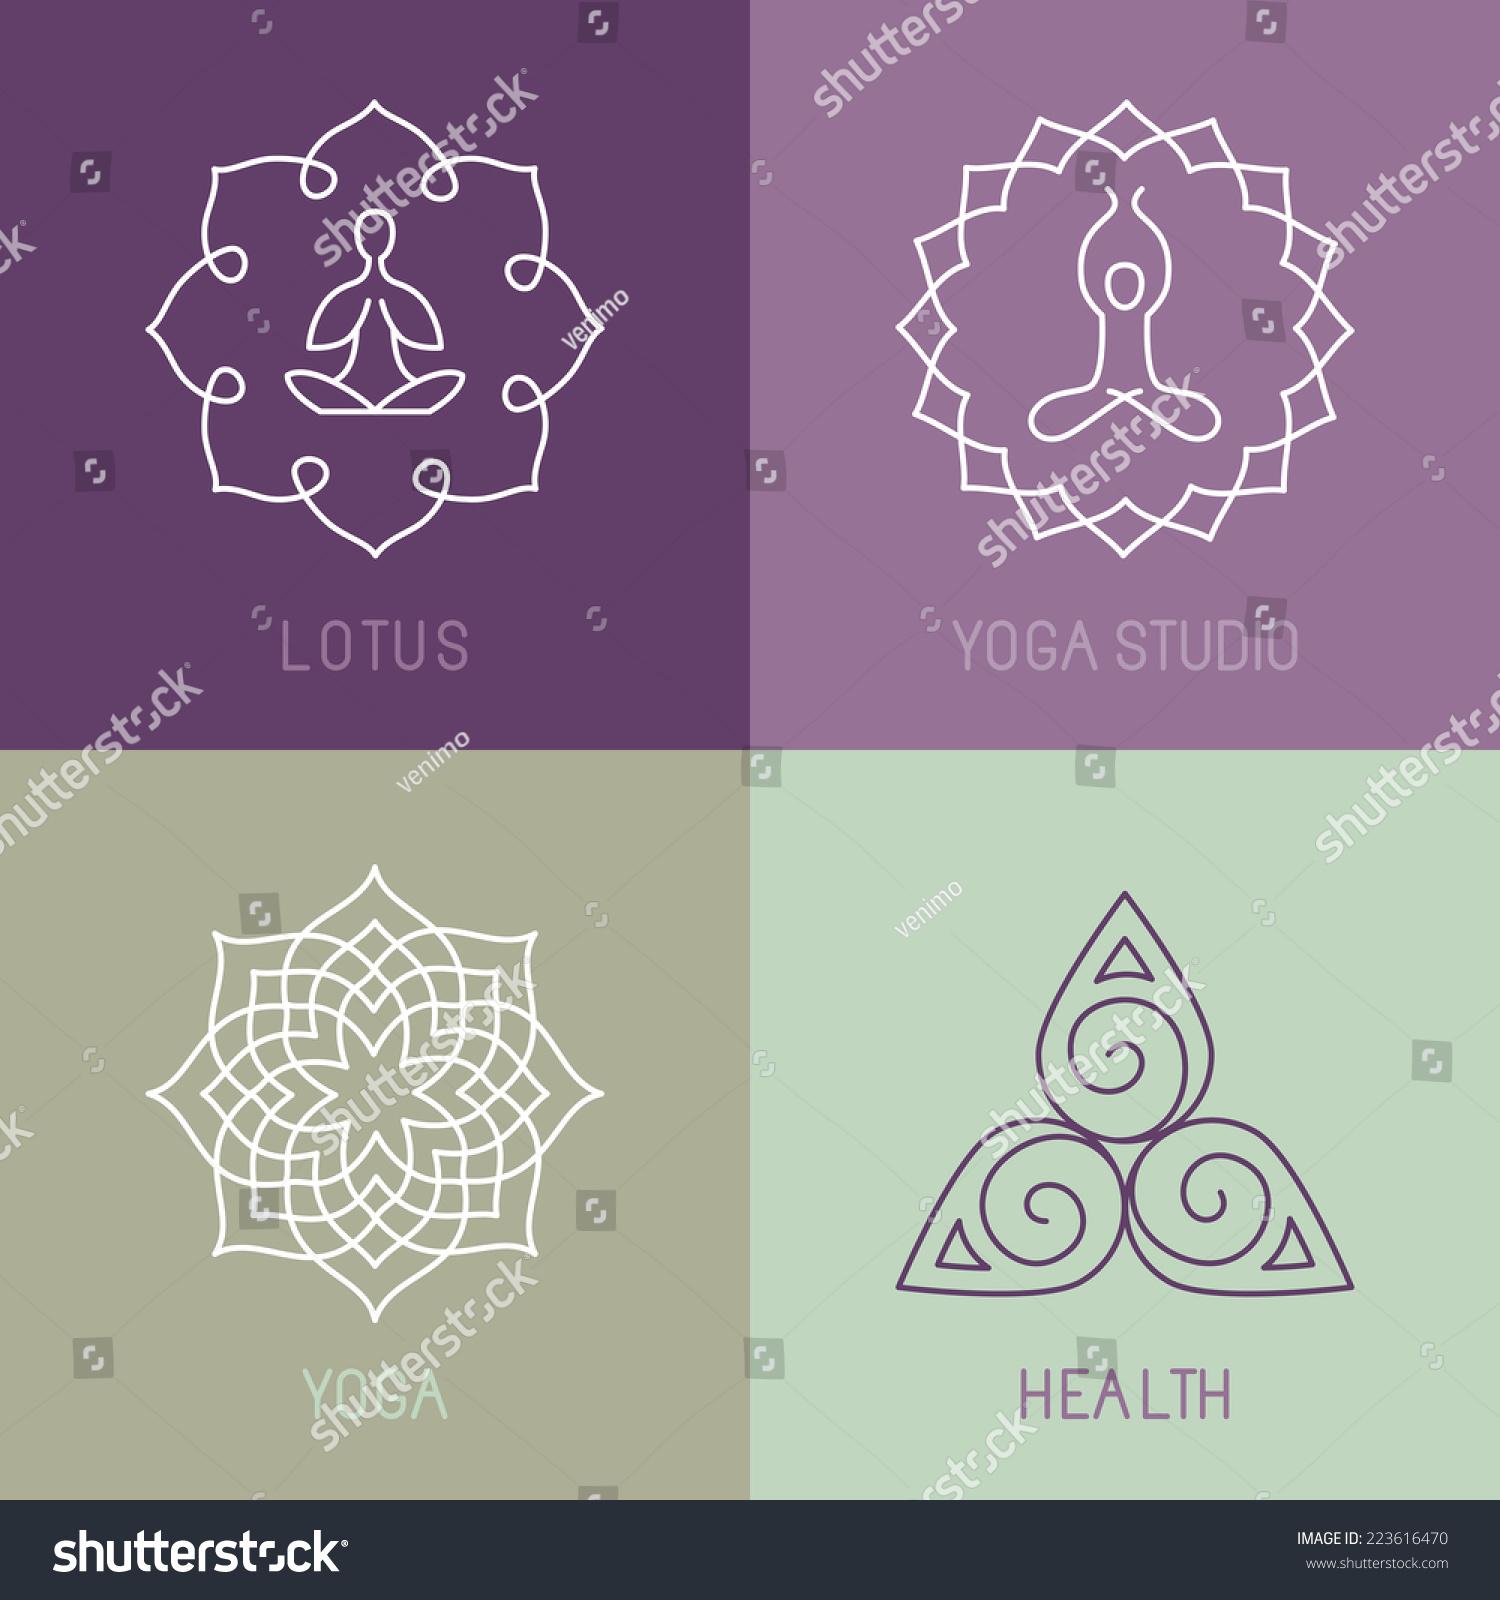 瑜伽矢量图标和圆线徽章——平面设计元素概述风格或